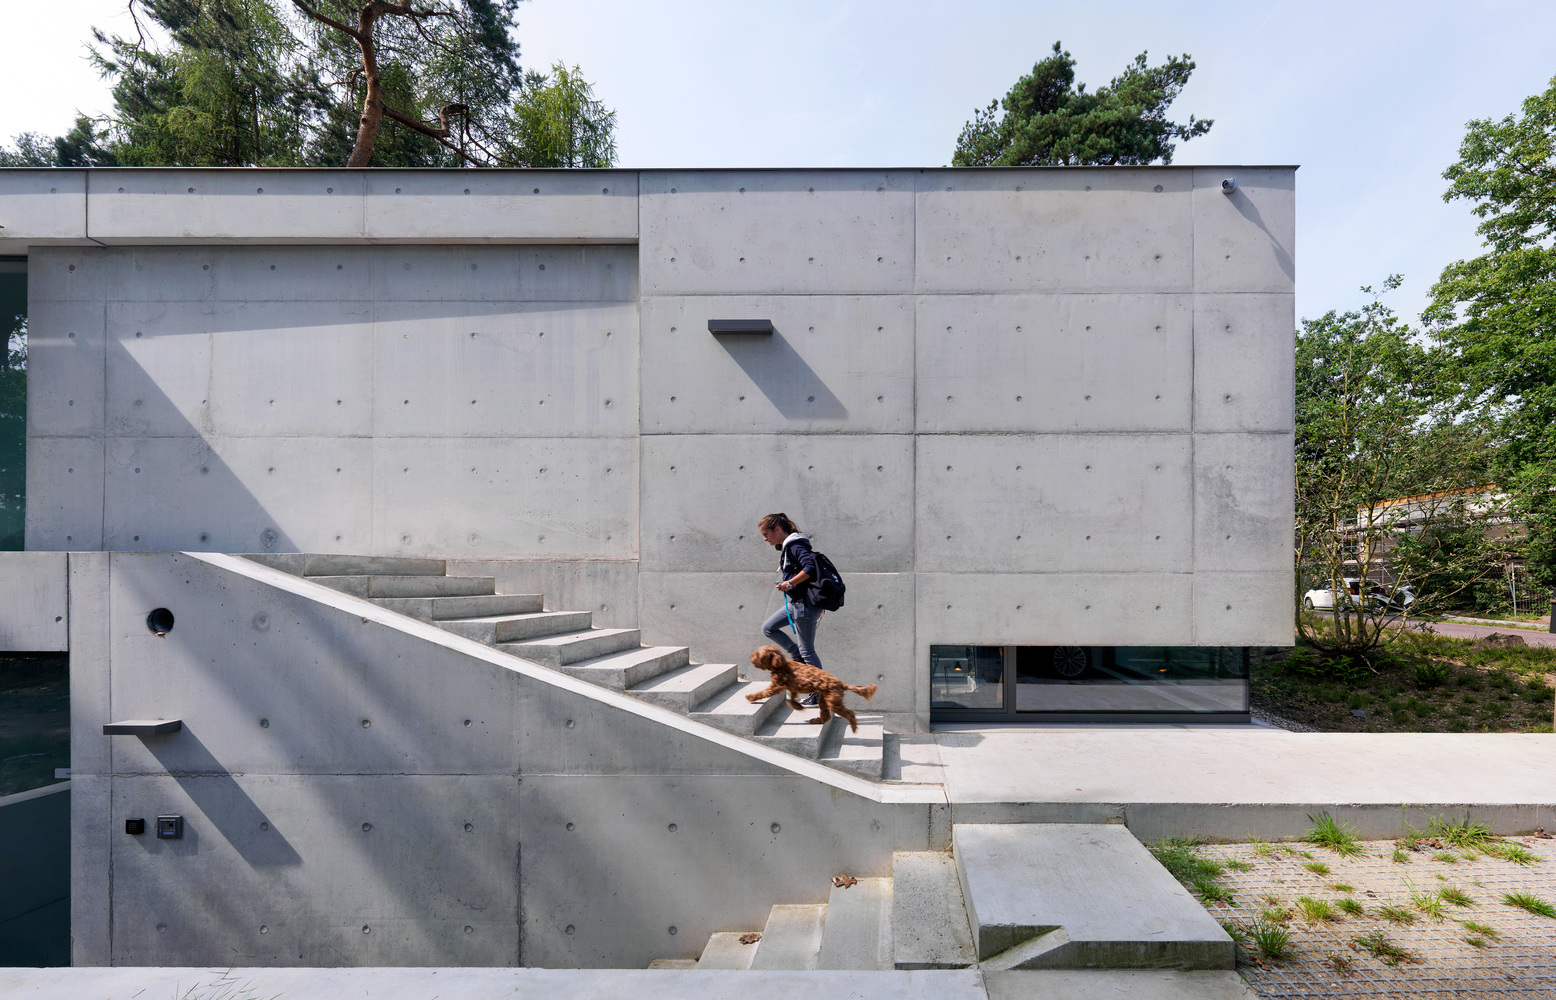 Tipos de encofrados para moldear el hormigón visto,House Zeist / Bedaux de Brouwer Architects. Image © Michel Kievitz